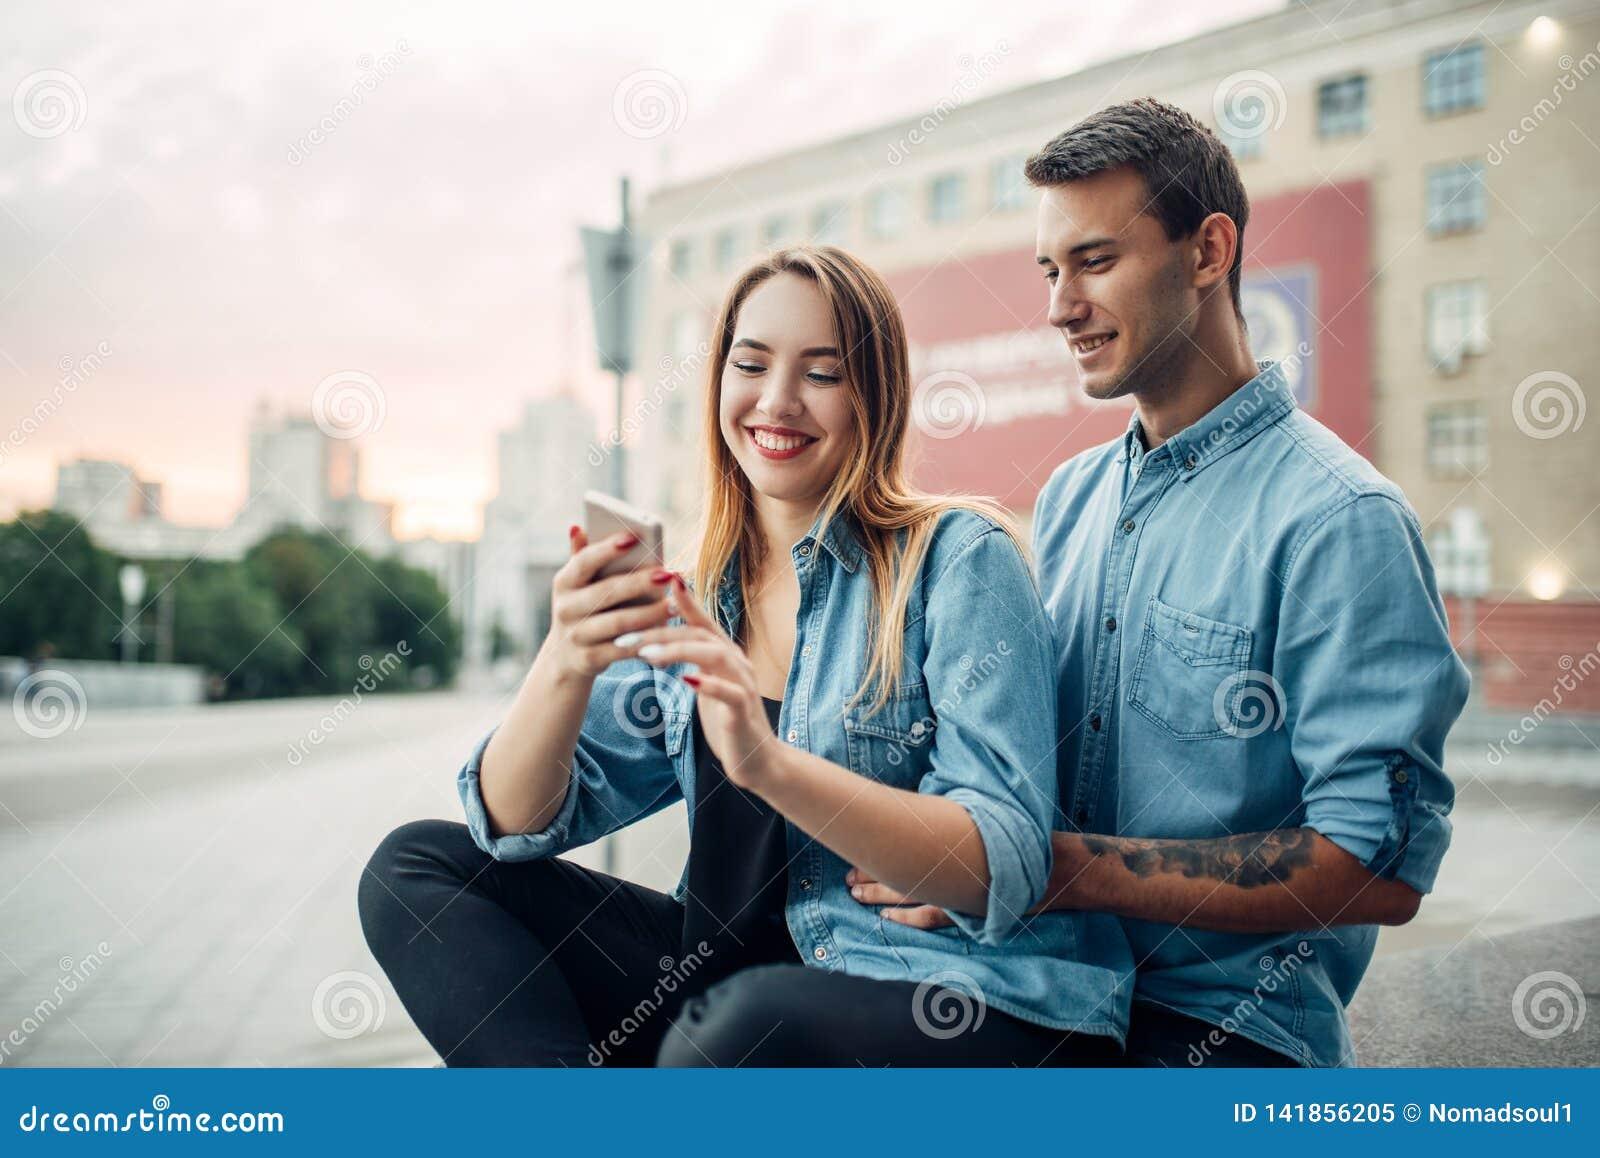 Het paar van de telefoonverslaafde kan niet zonder gadgets leven